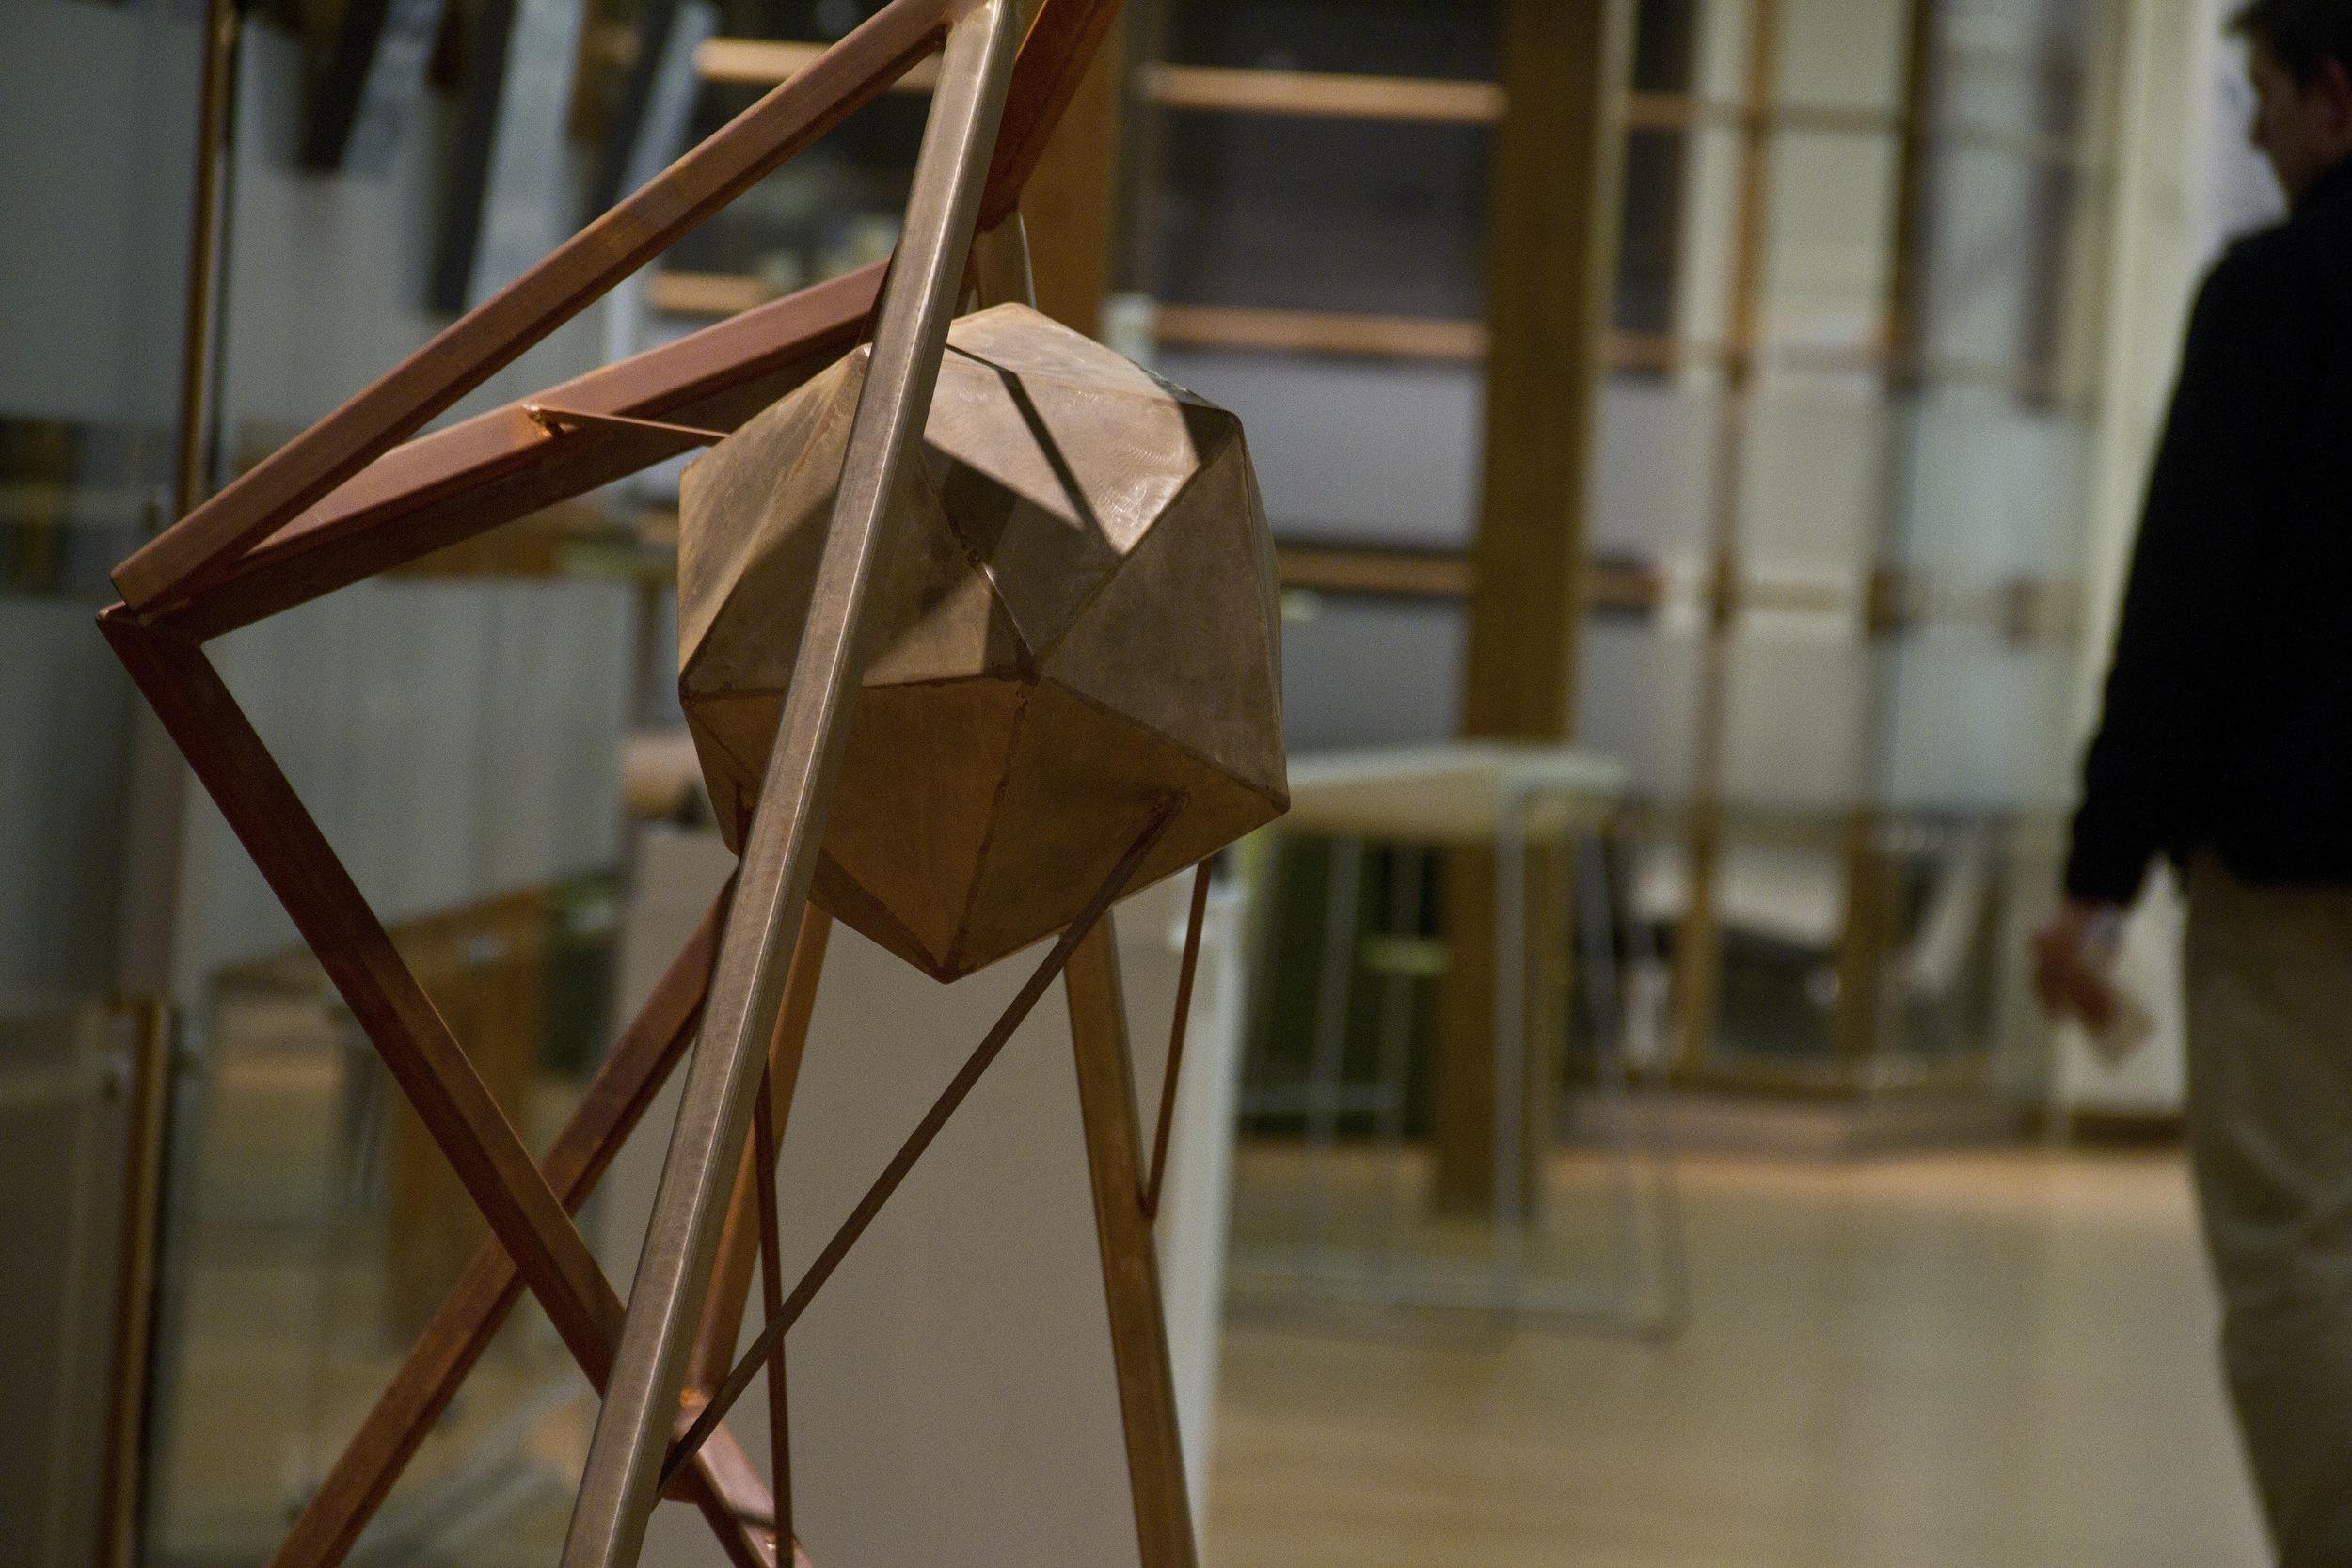 WMCAT_15 sculpture Mark Schentzel.jpg